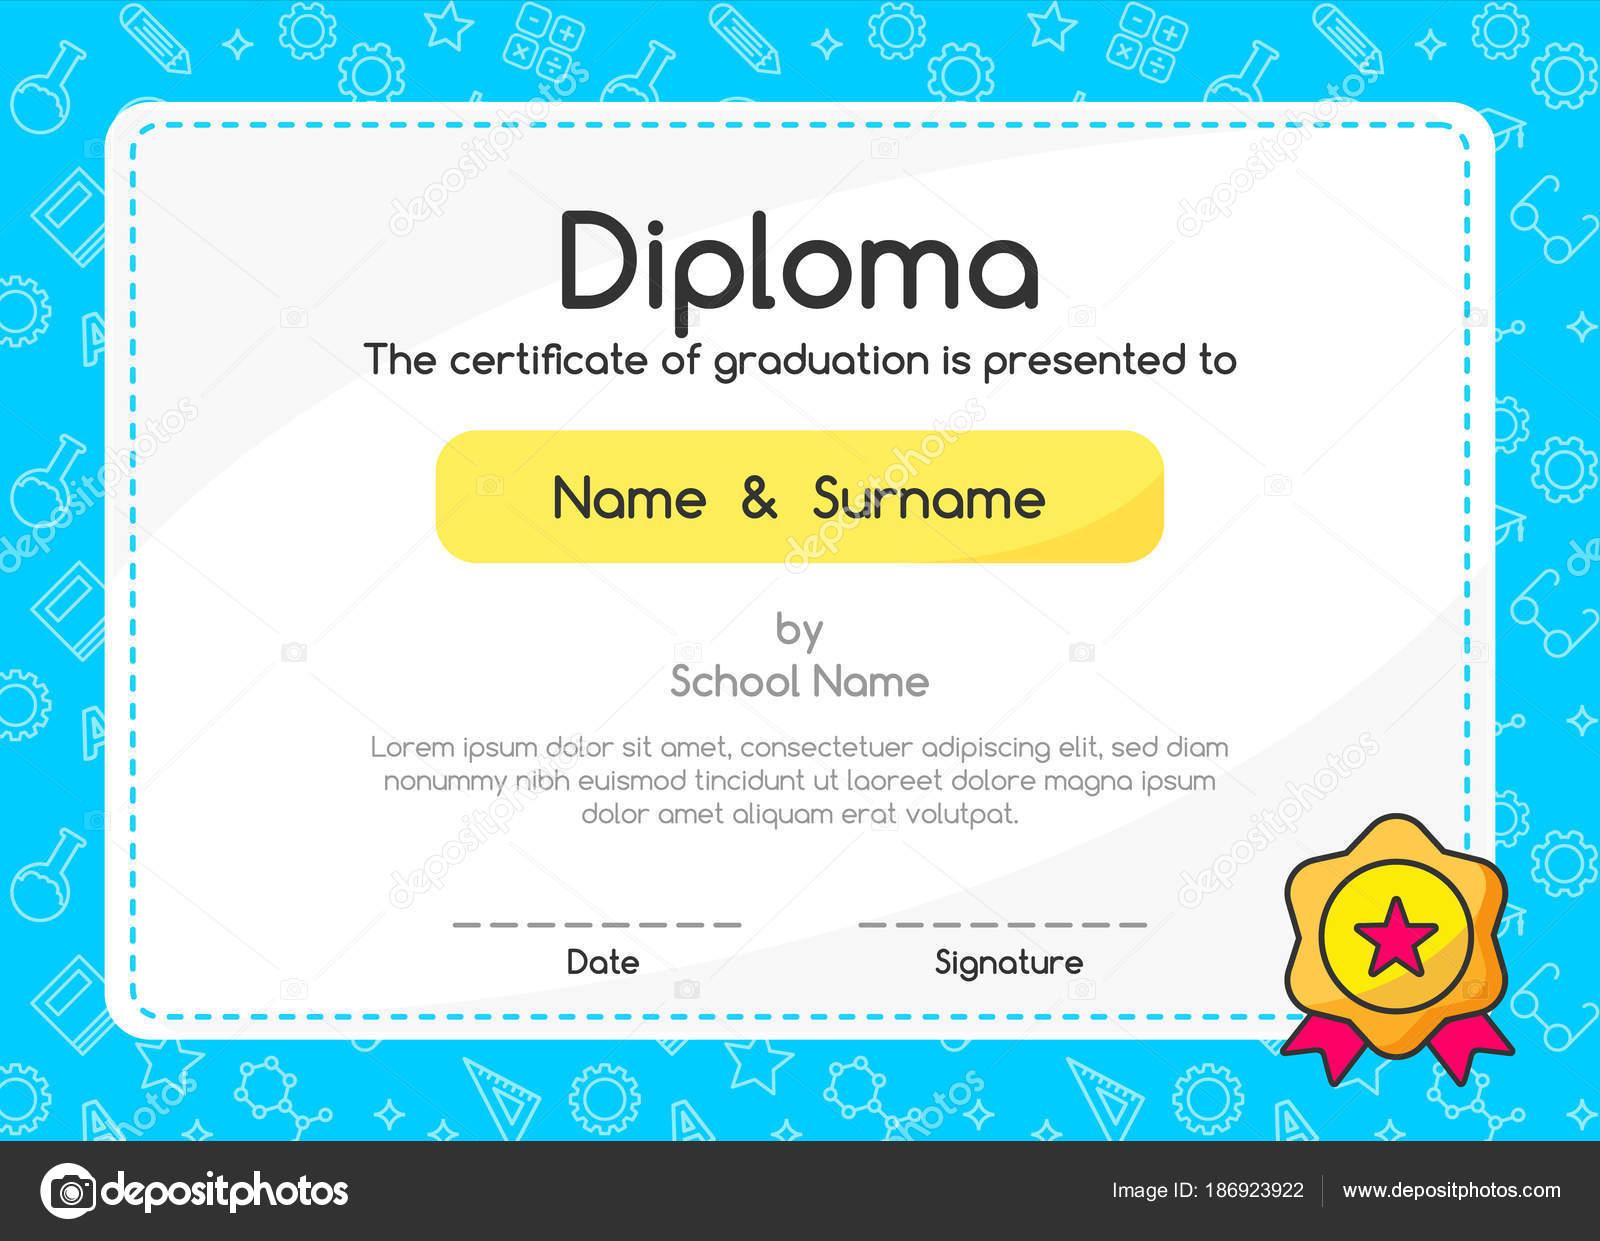 Los Niños Diploma Certificado Diseño Diseño Plantillas Estilo Lindo ...